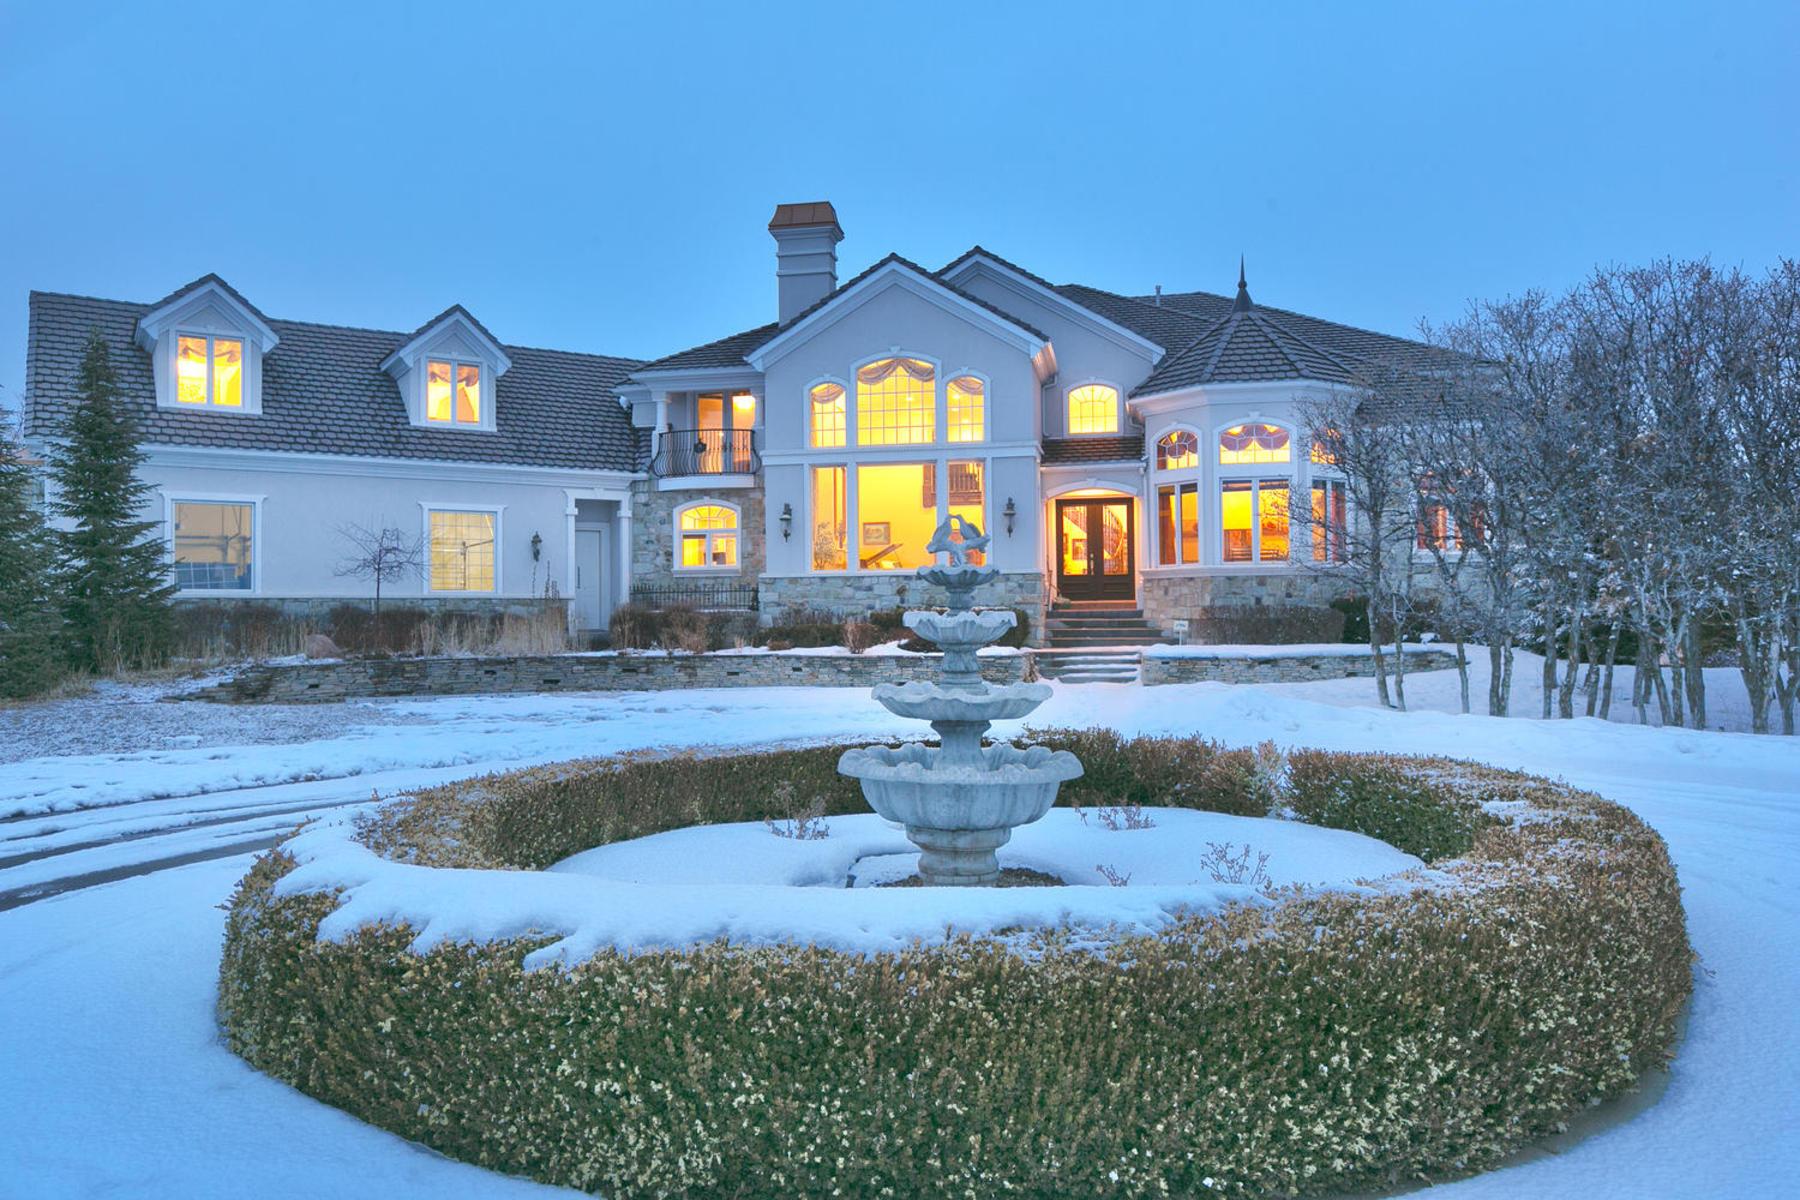 Moradia para Venda às Delightful 7 acre estate in Exclusive, Secluded East Heber Location! 915 South 4800 East Heber, Utah 84032 Estados Unidos